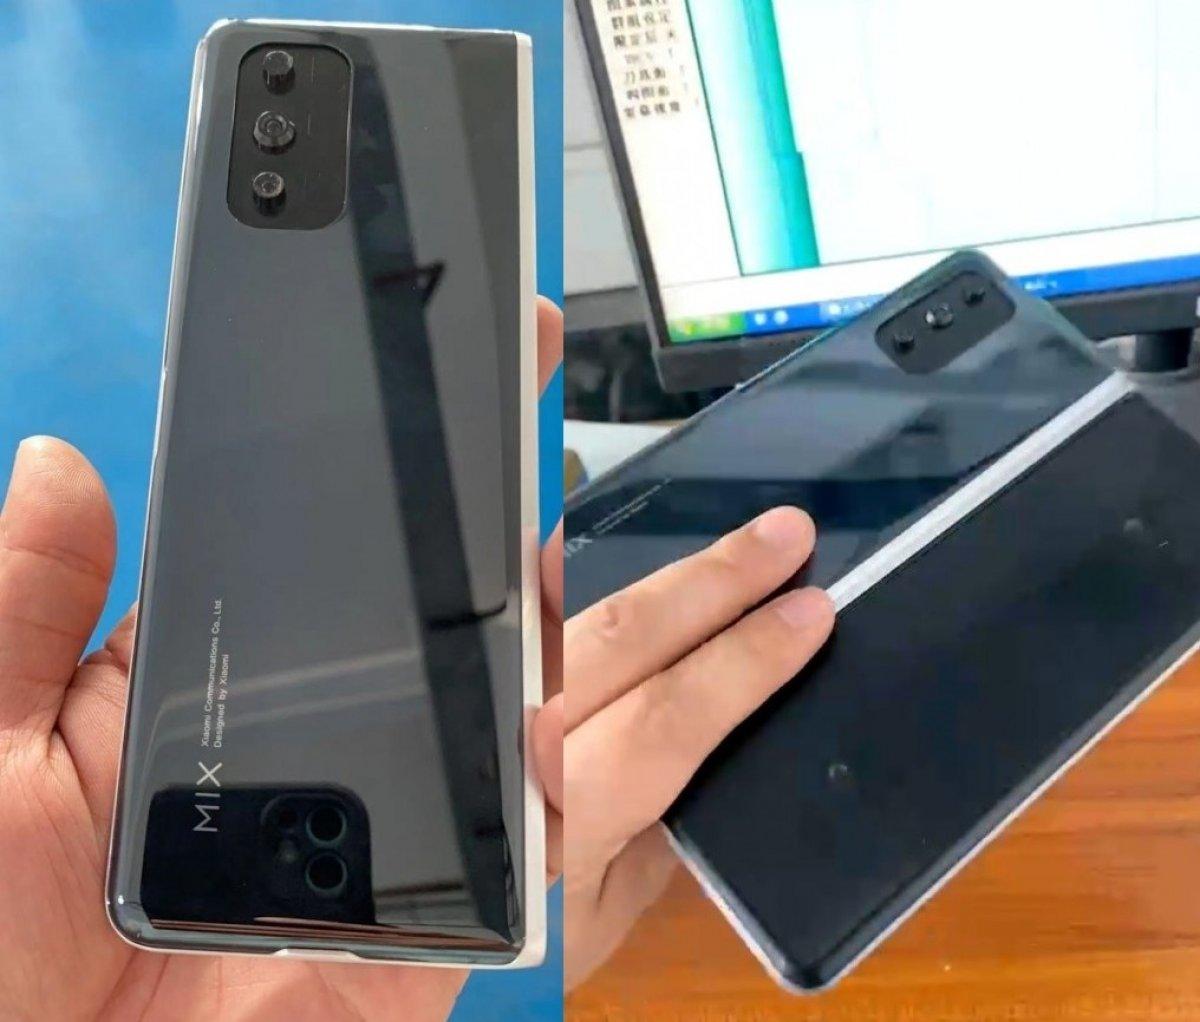 Xiaomi'nin katlanabilir telefonu ile ilgili yeni görüntüler yayınlandı